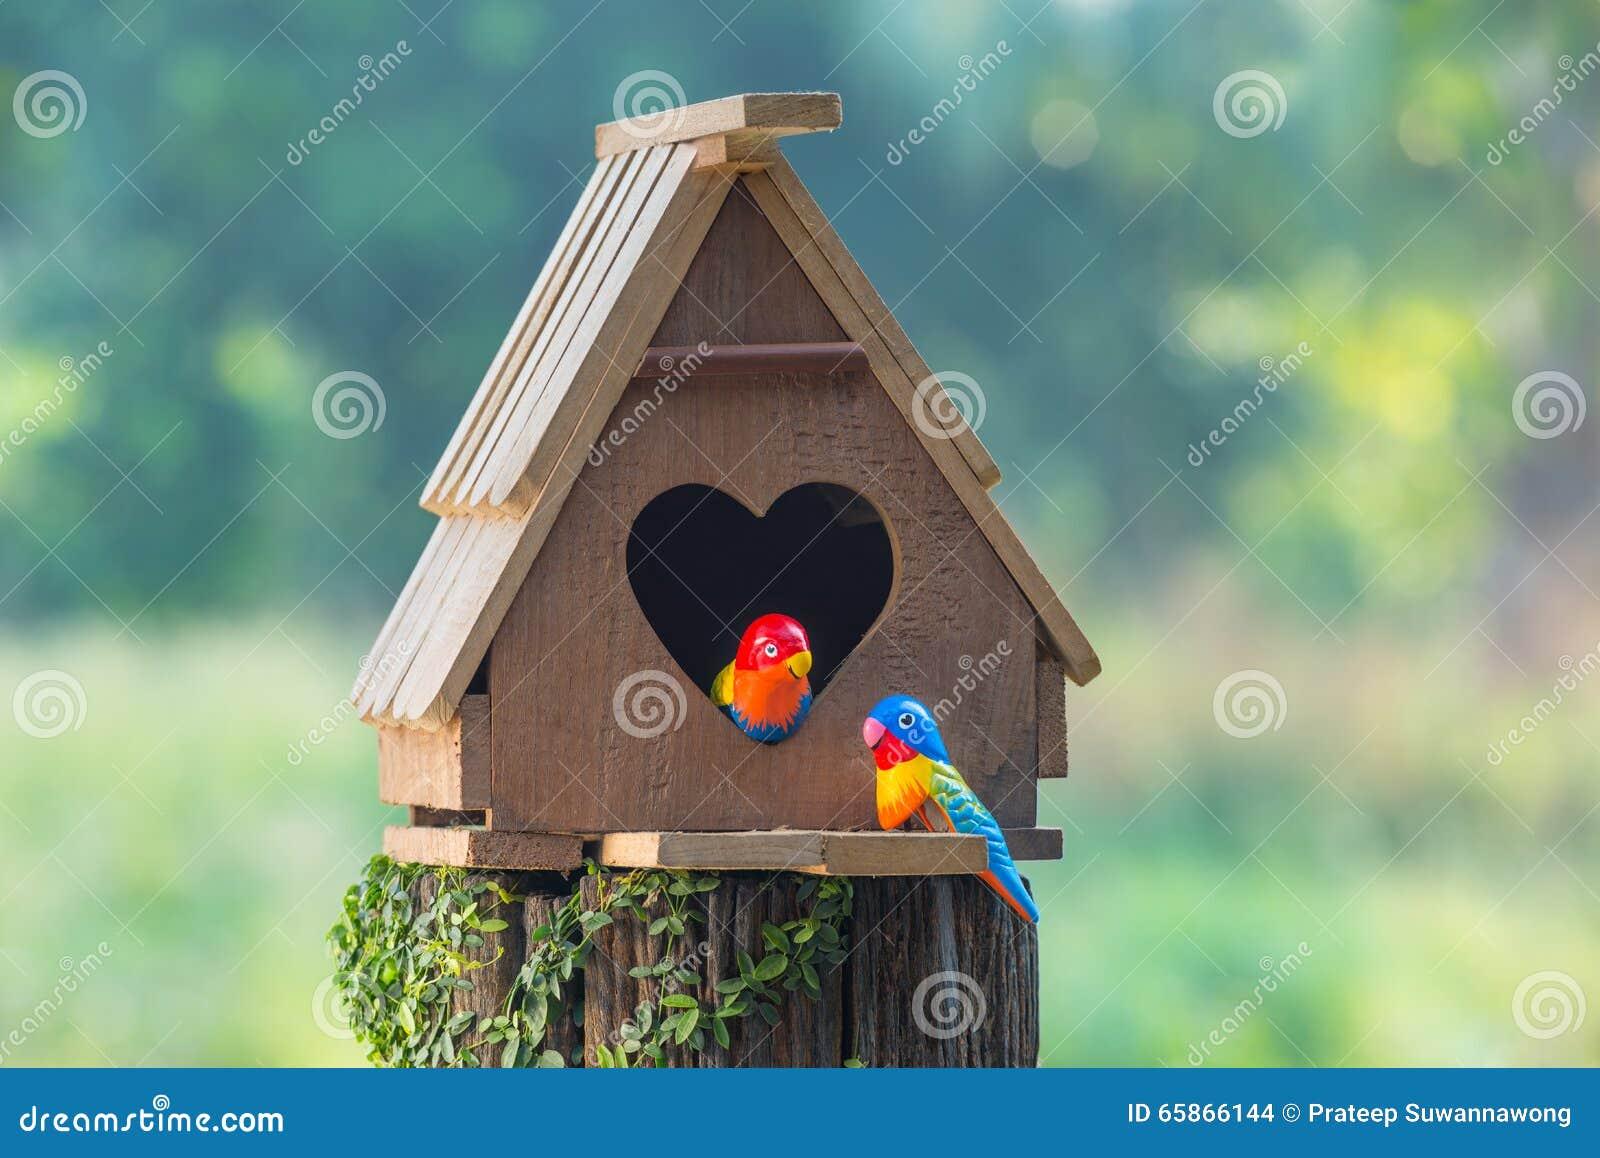 鸟舍有心形的入口和两爱鸟做的fr